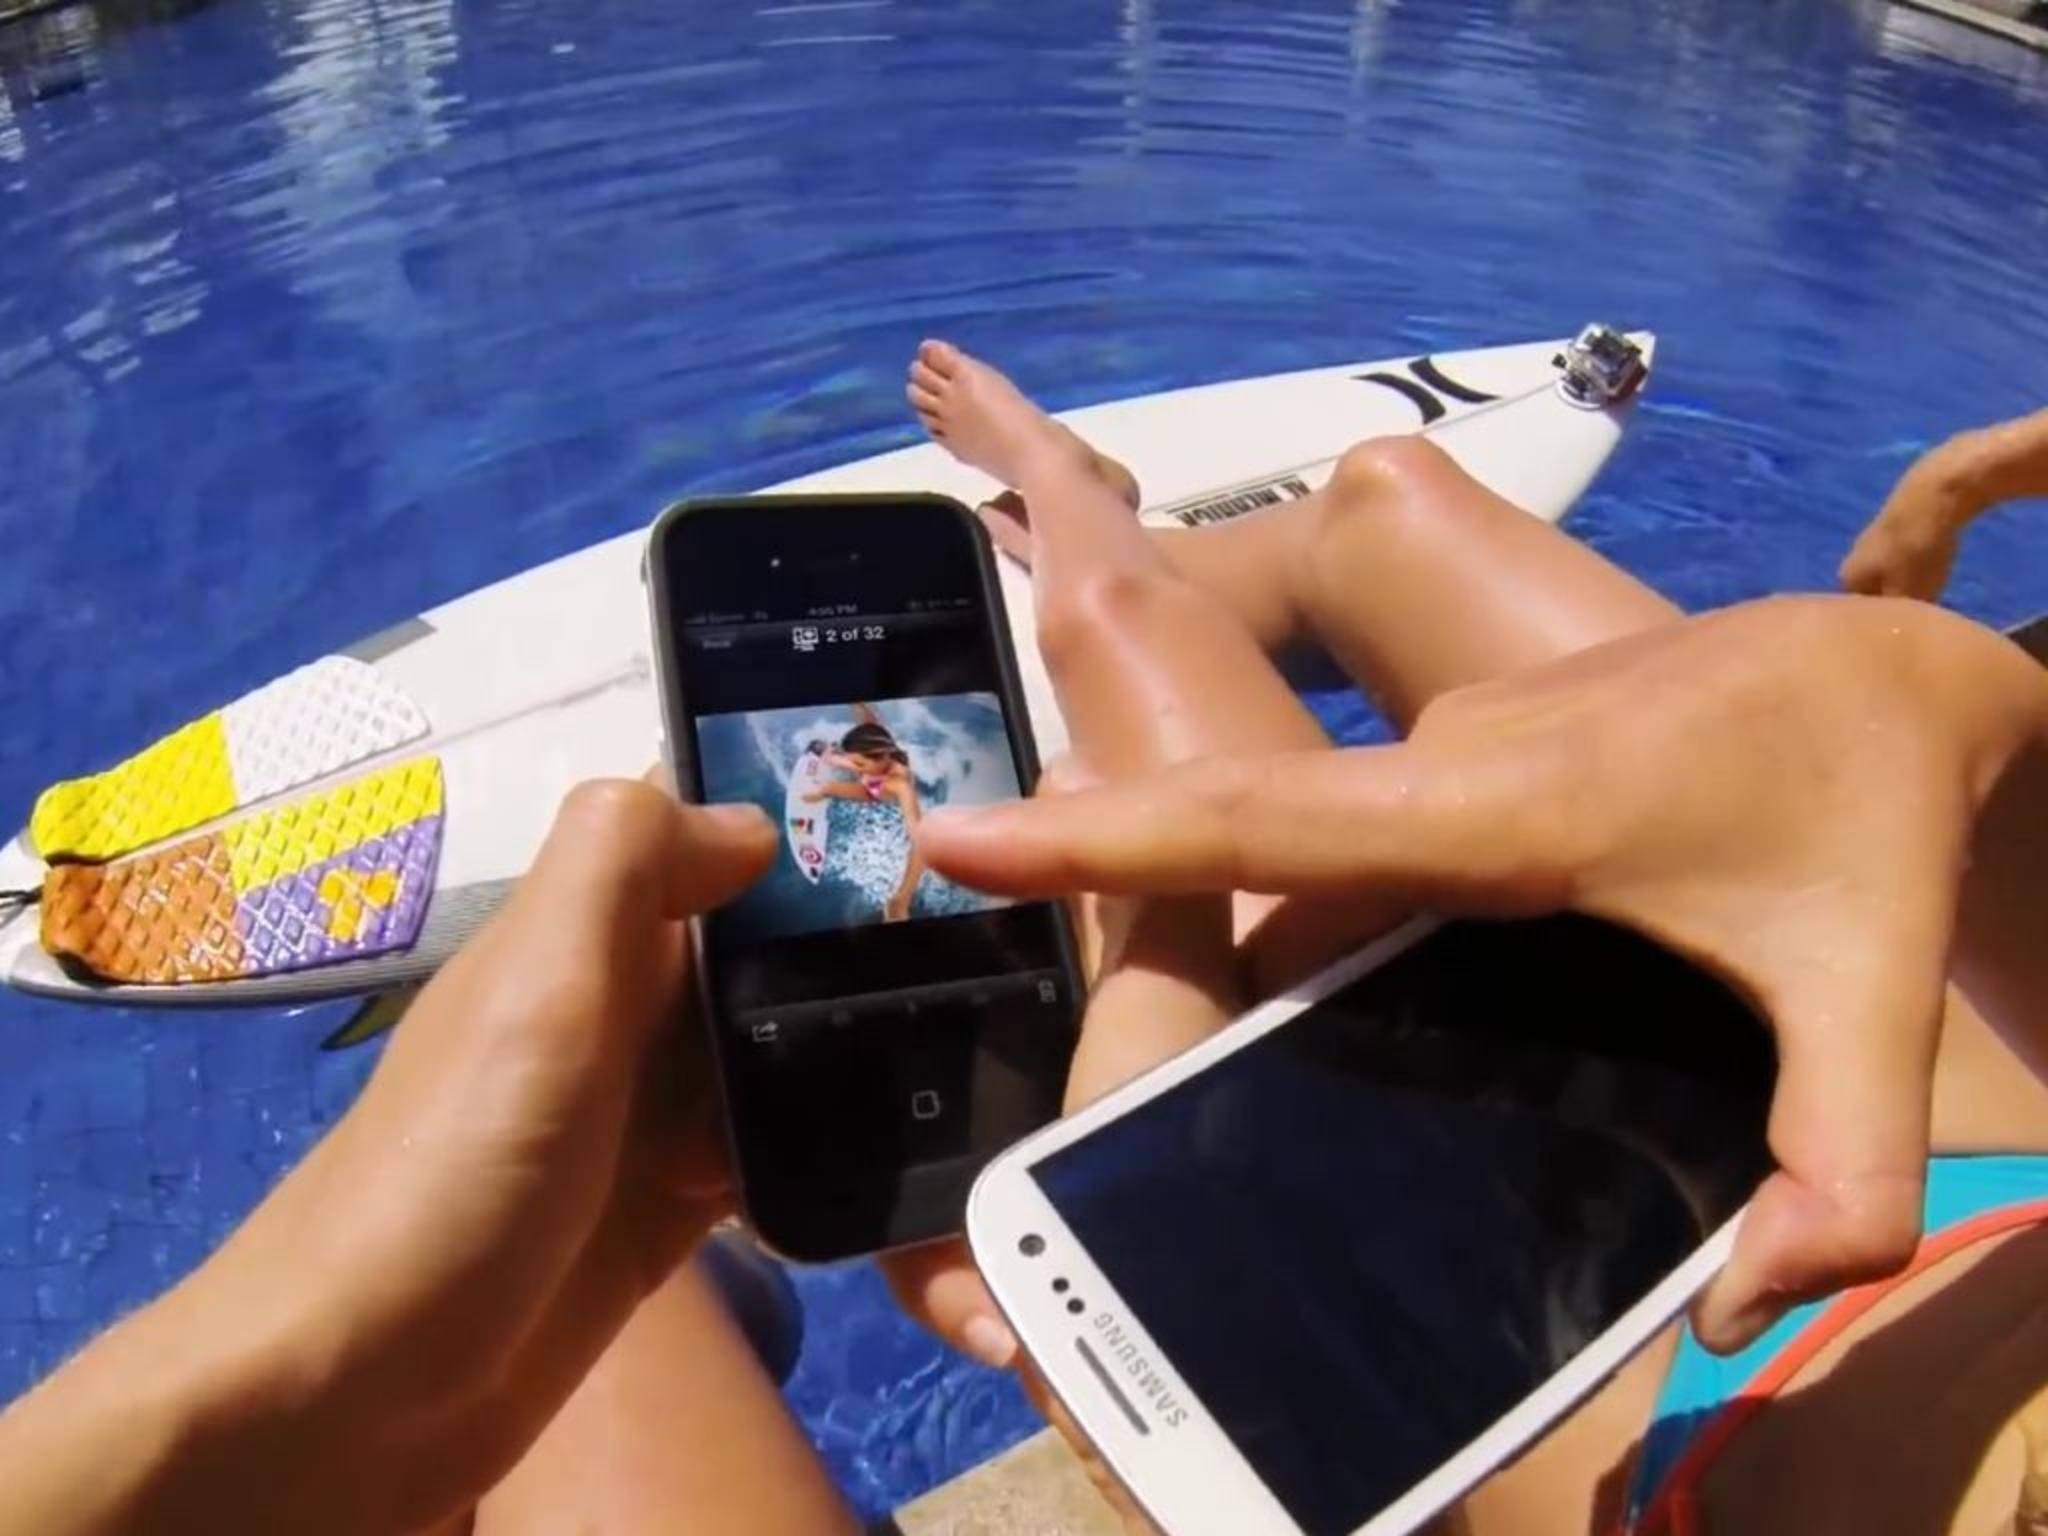 Die neue Mobile App von GoPro wird bereits getestet.